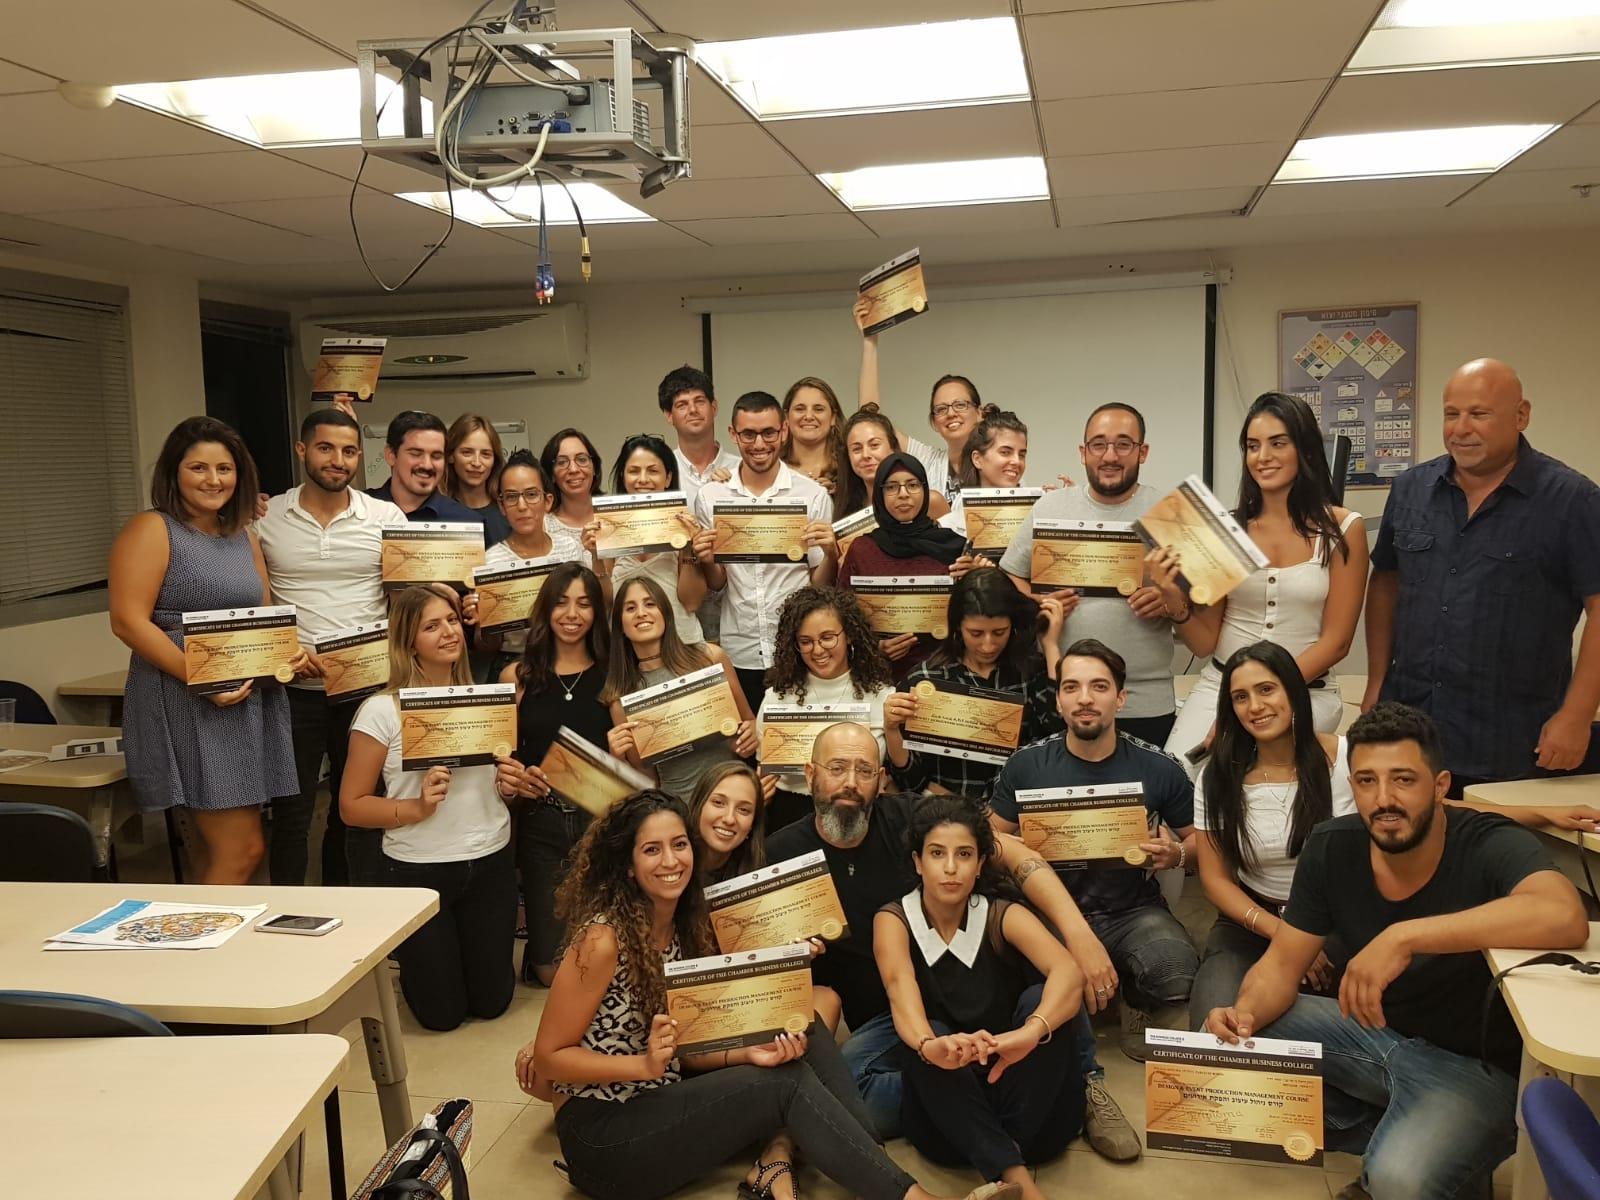 סיום קורס ניהול והפקת אירועים מחזור 19